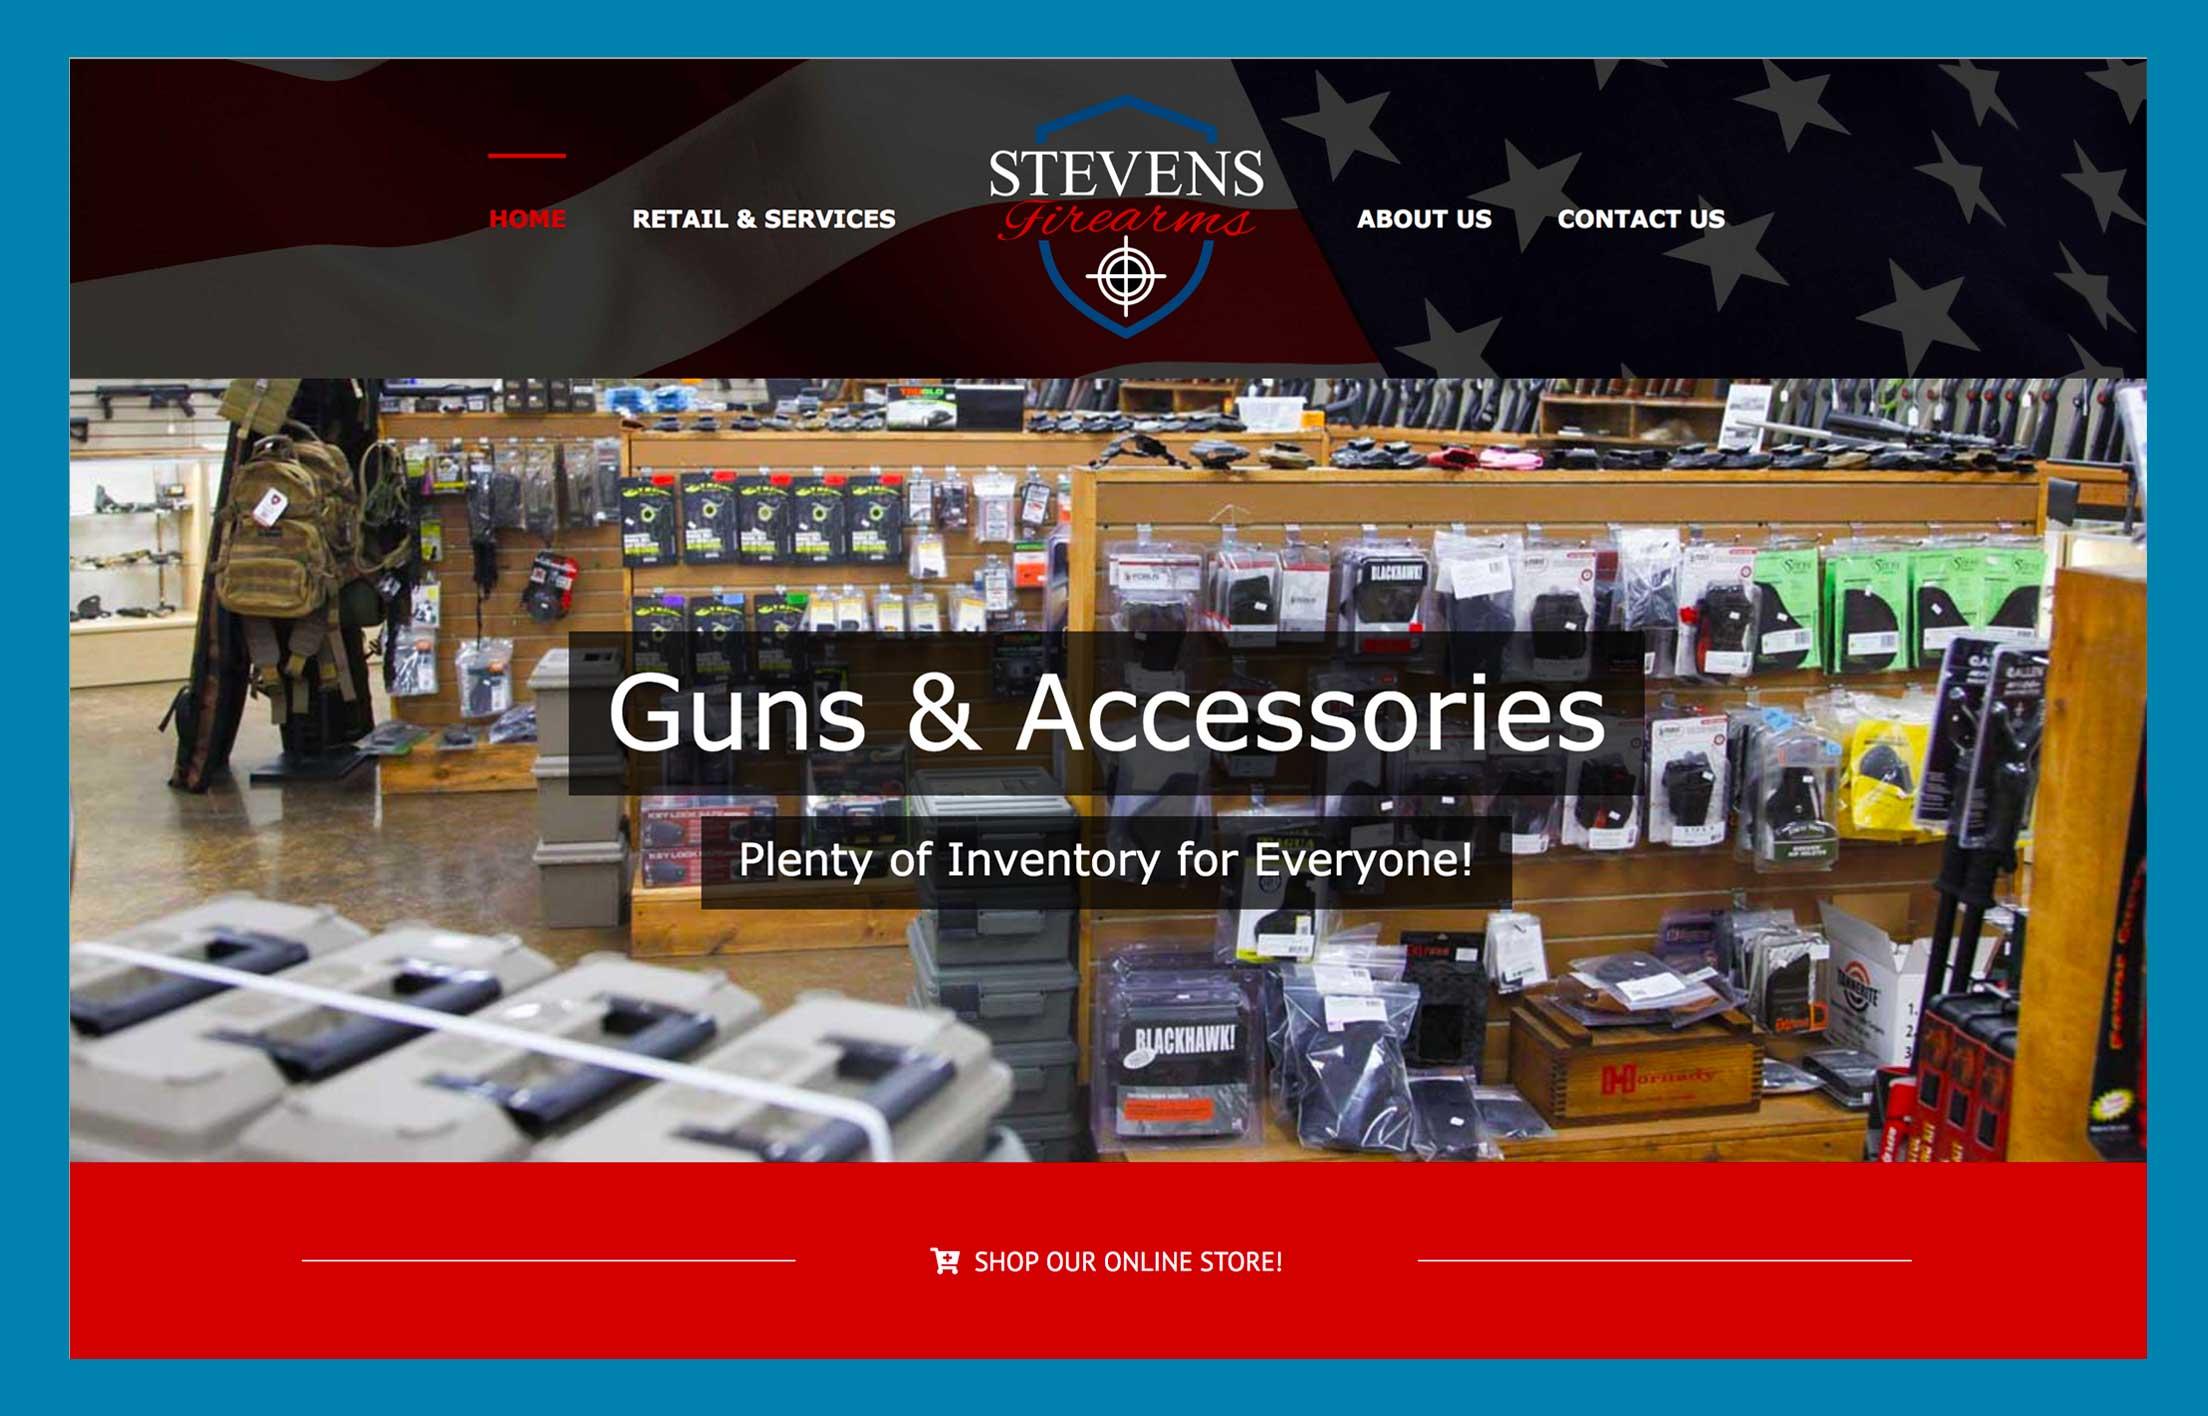 Stevens Firearms